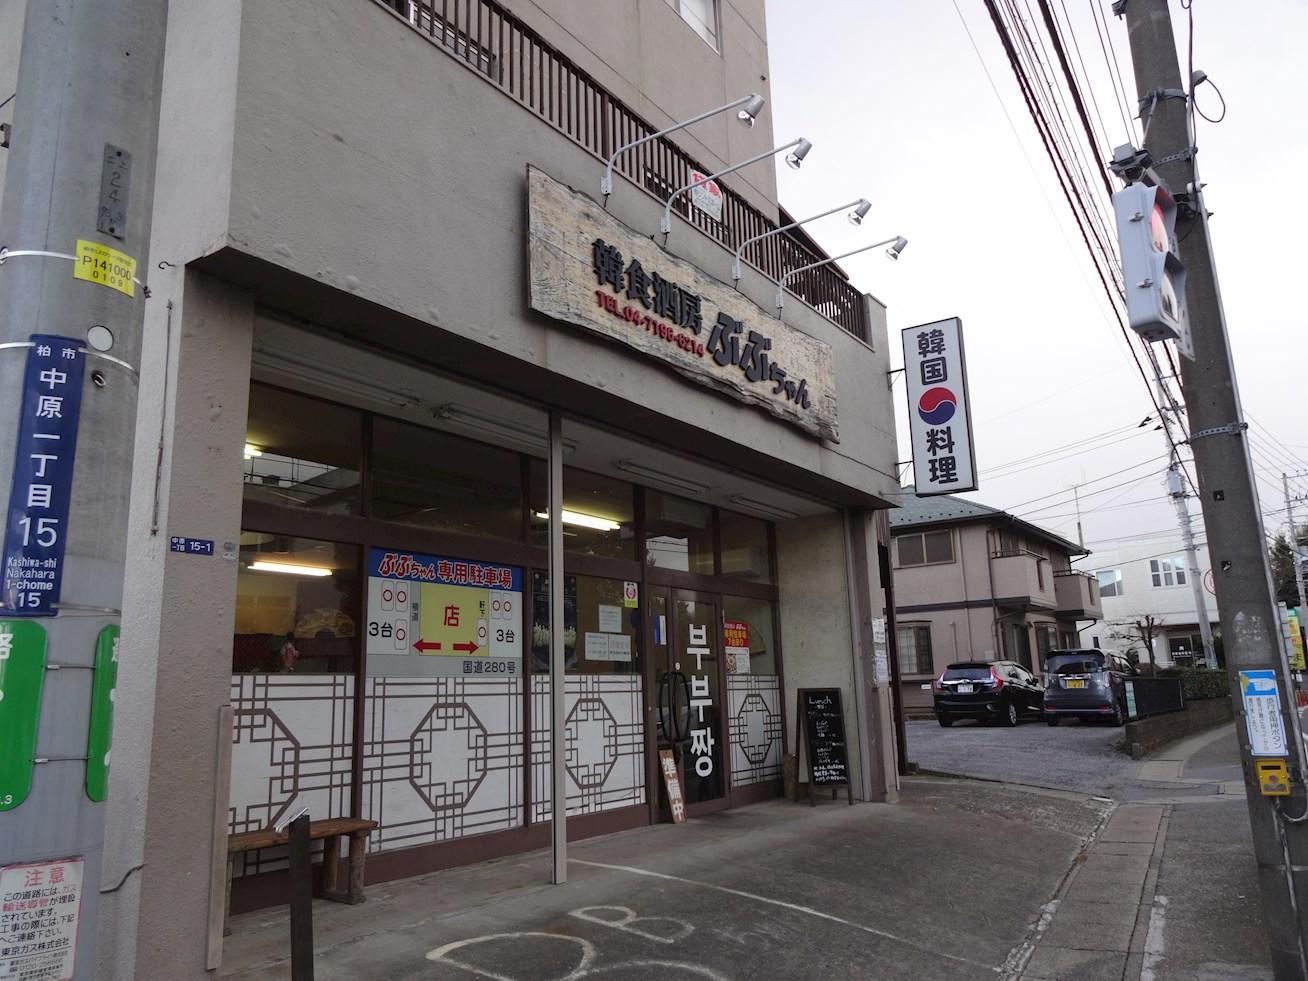 レストラン:ぶぶちゃん 663m